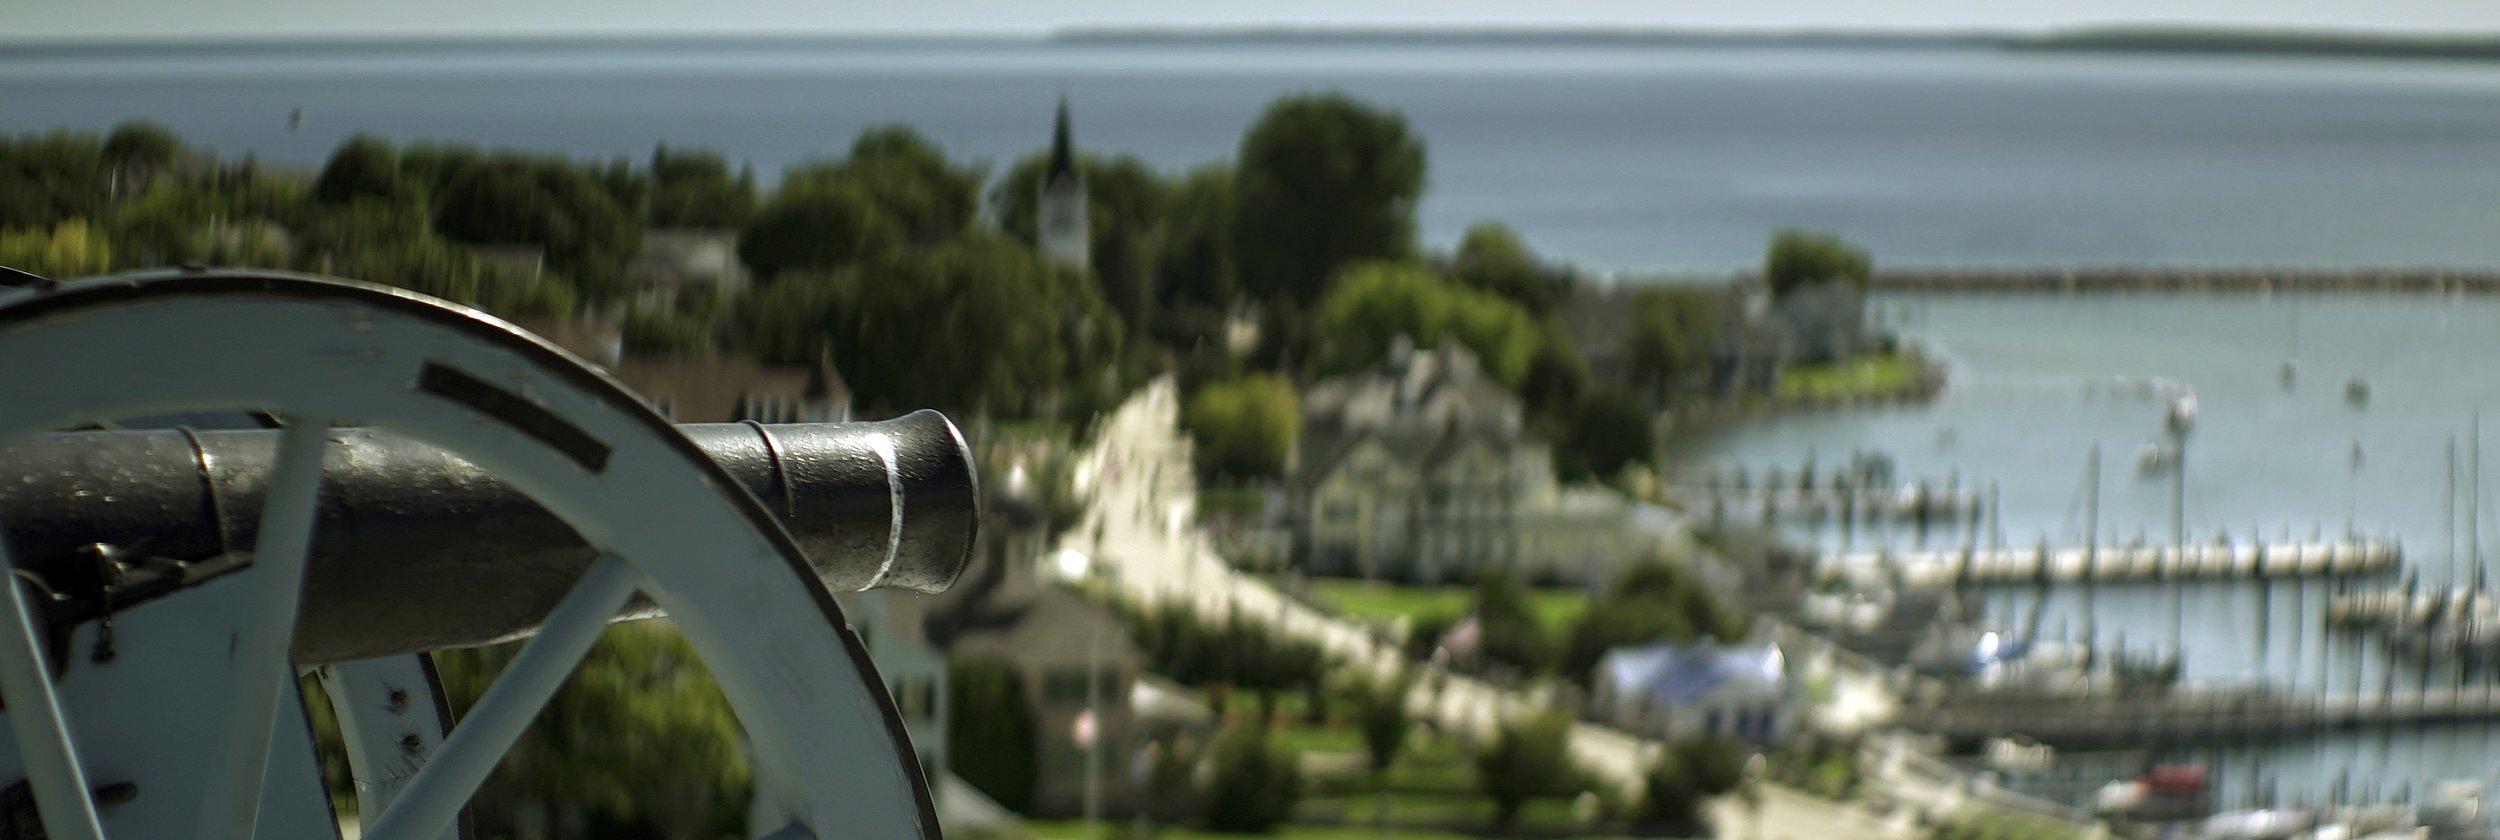 NEAR - Canon